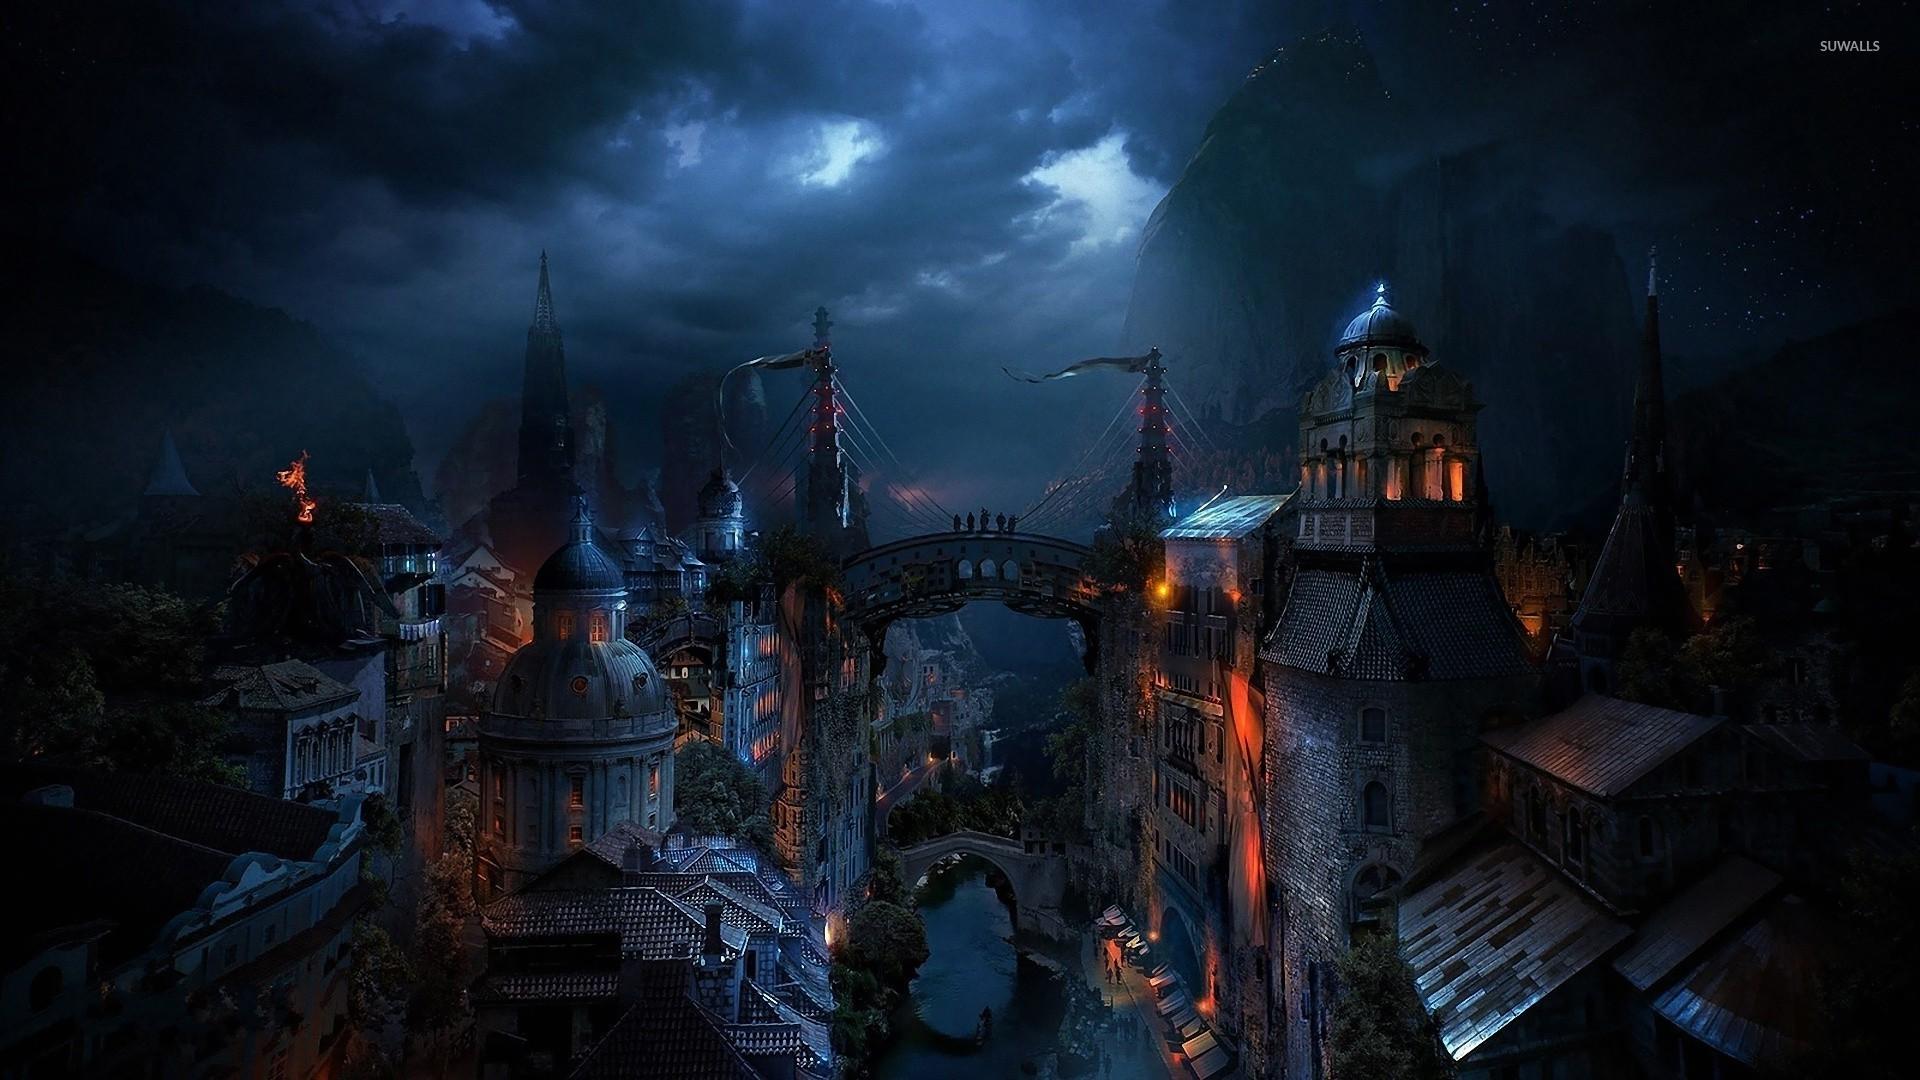 Dark City Wallpaper